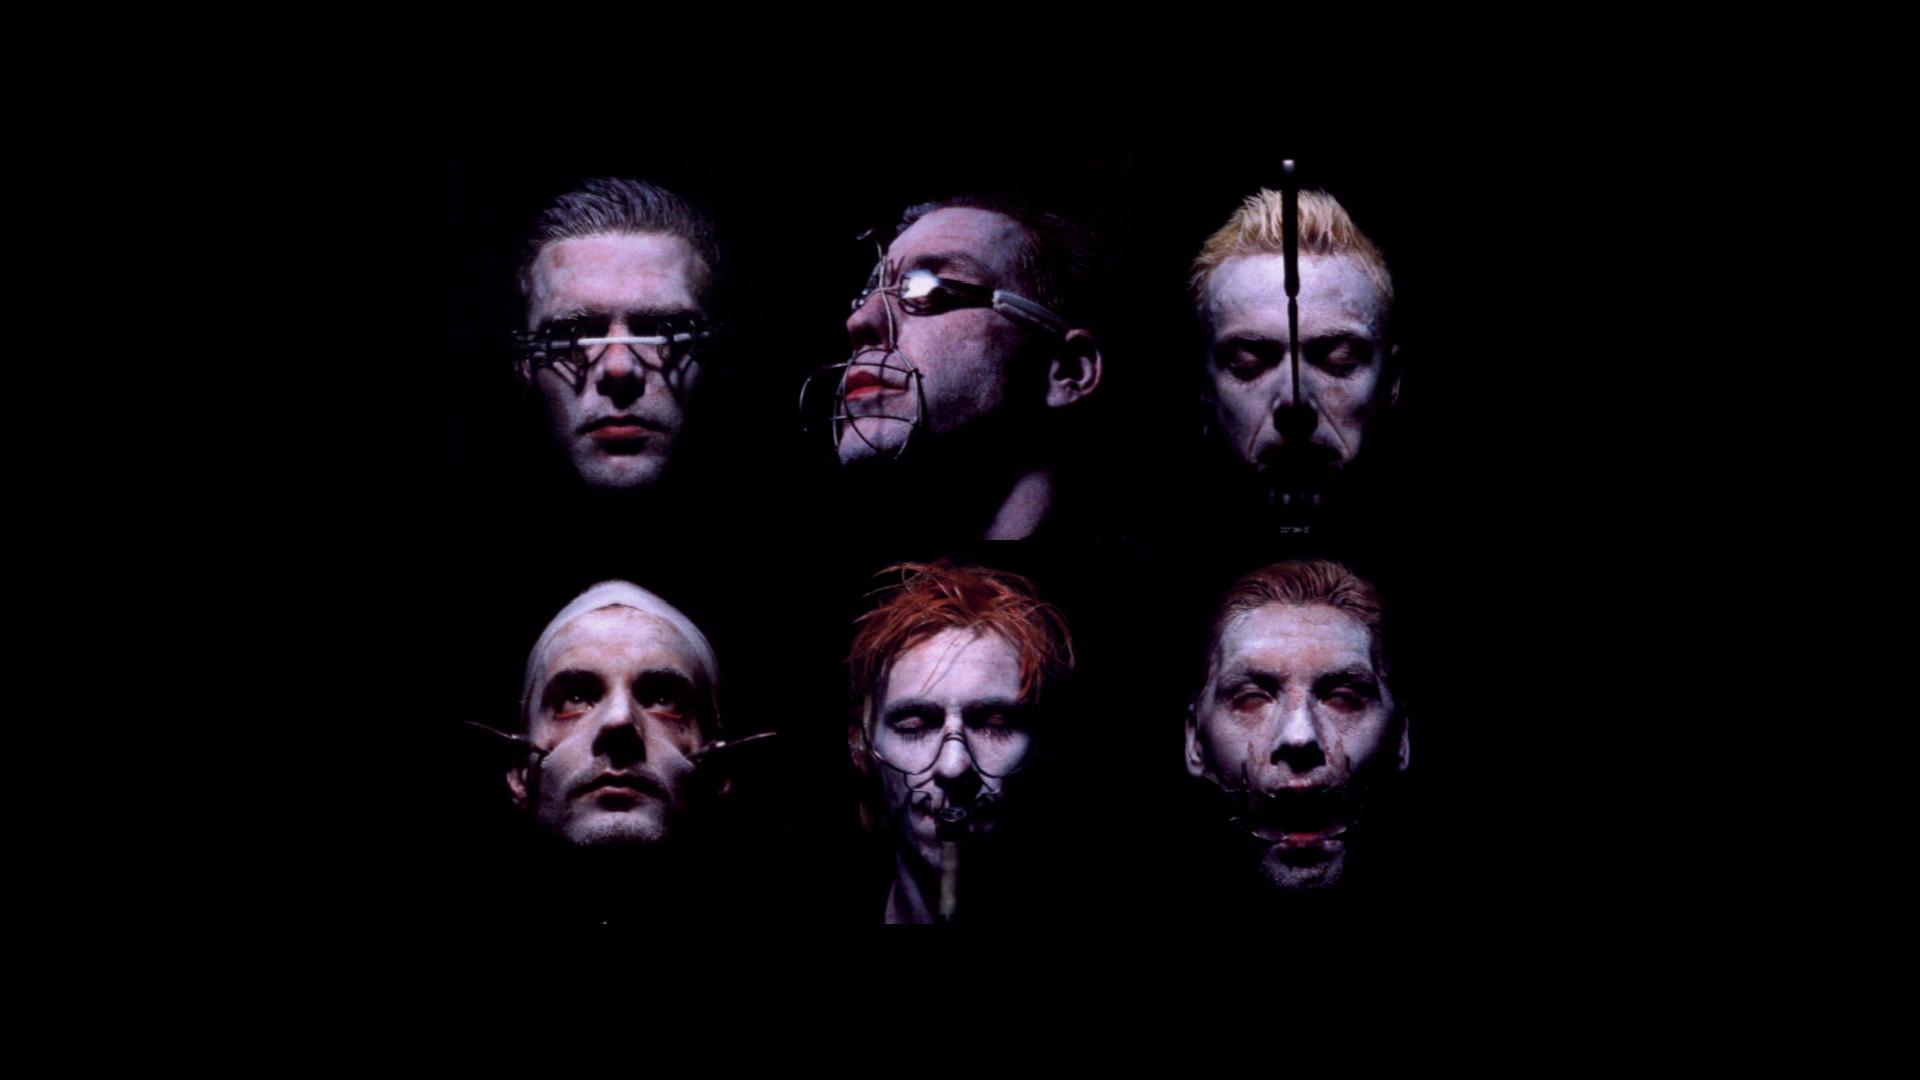 Men Minimalism Artwork Music Rammstein Darkness Screenshot Special Effects Facial Hair